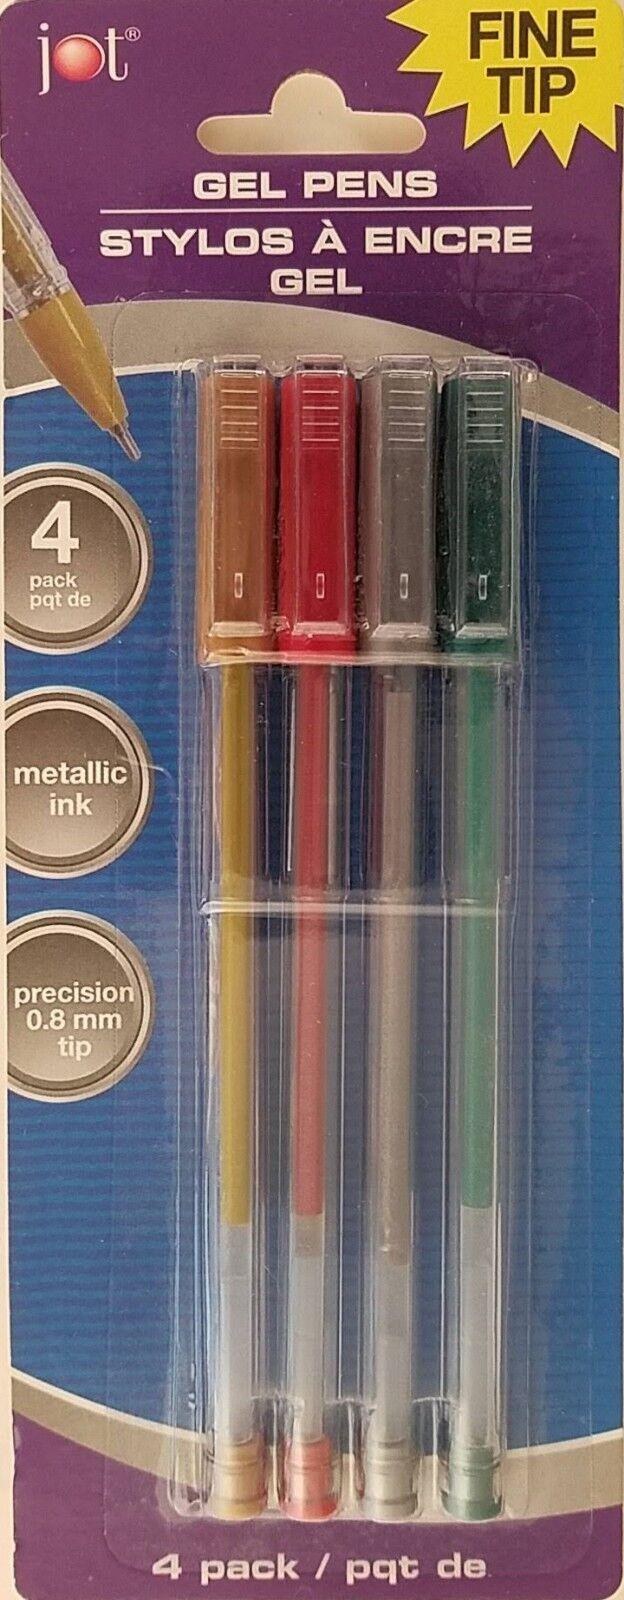 Jot Metallic Gel Pens Fine Tip 0.8 mm Gold Silver Red Green